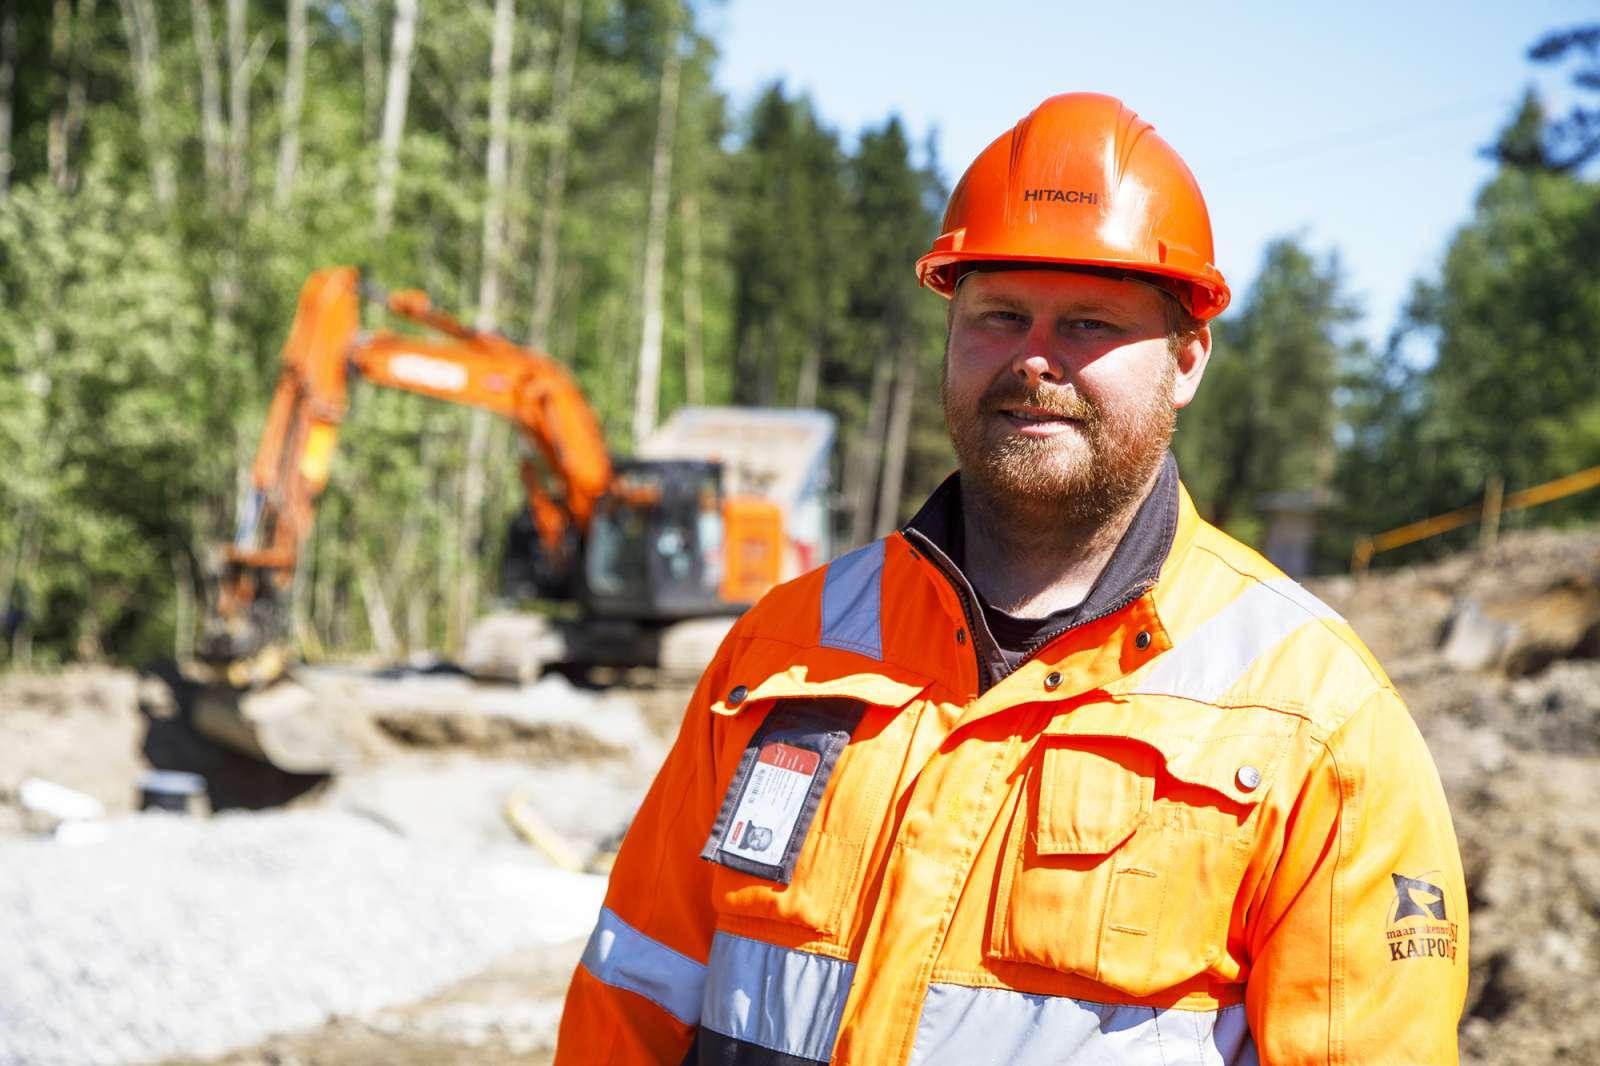 Tuomas Kaiponen